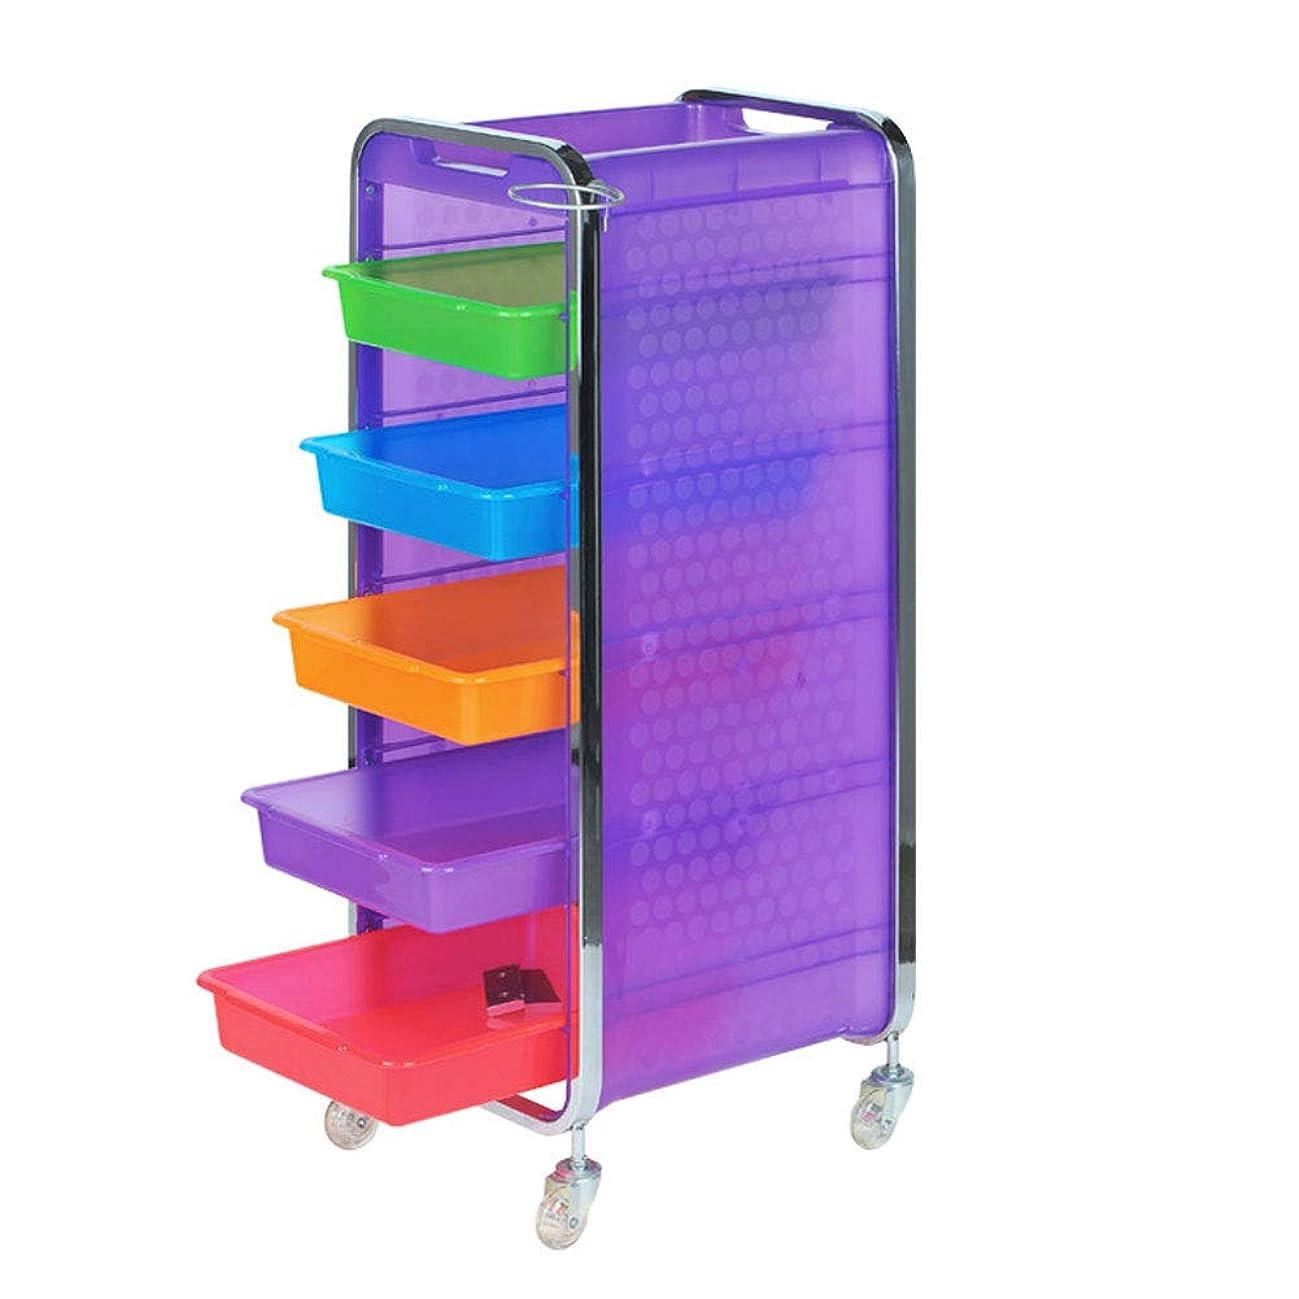 はぁ繊維縫うサロン美容院トロリー美容美容収納カート6層トレイ多機能引き出し虹色,Purple,B